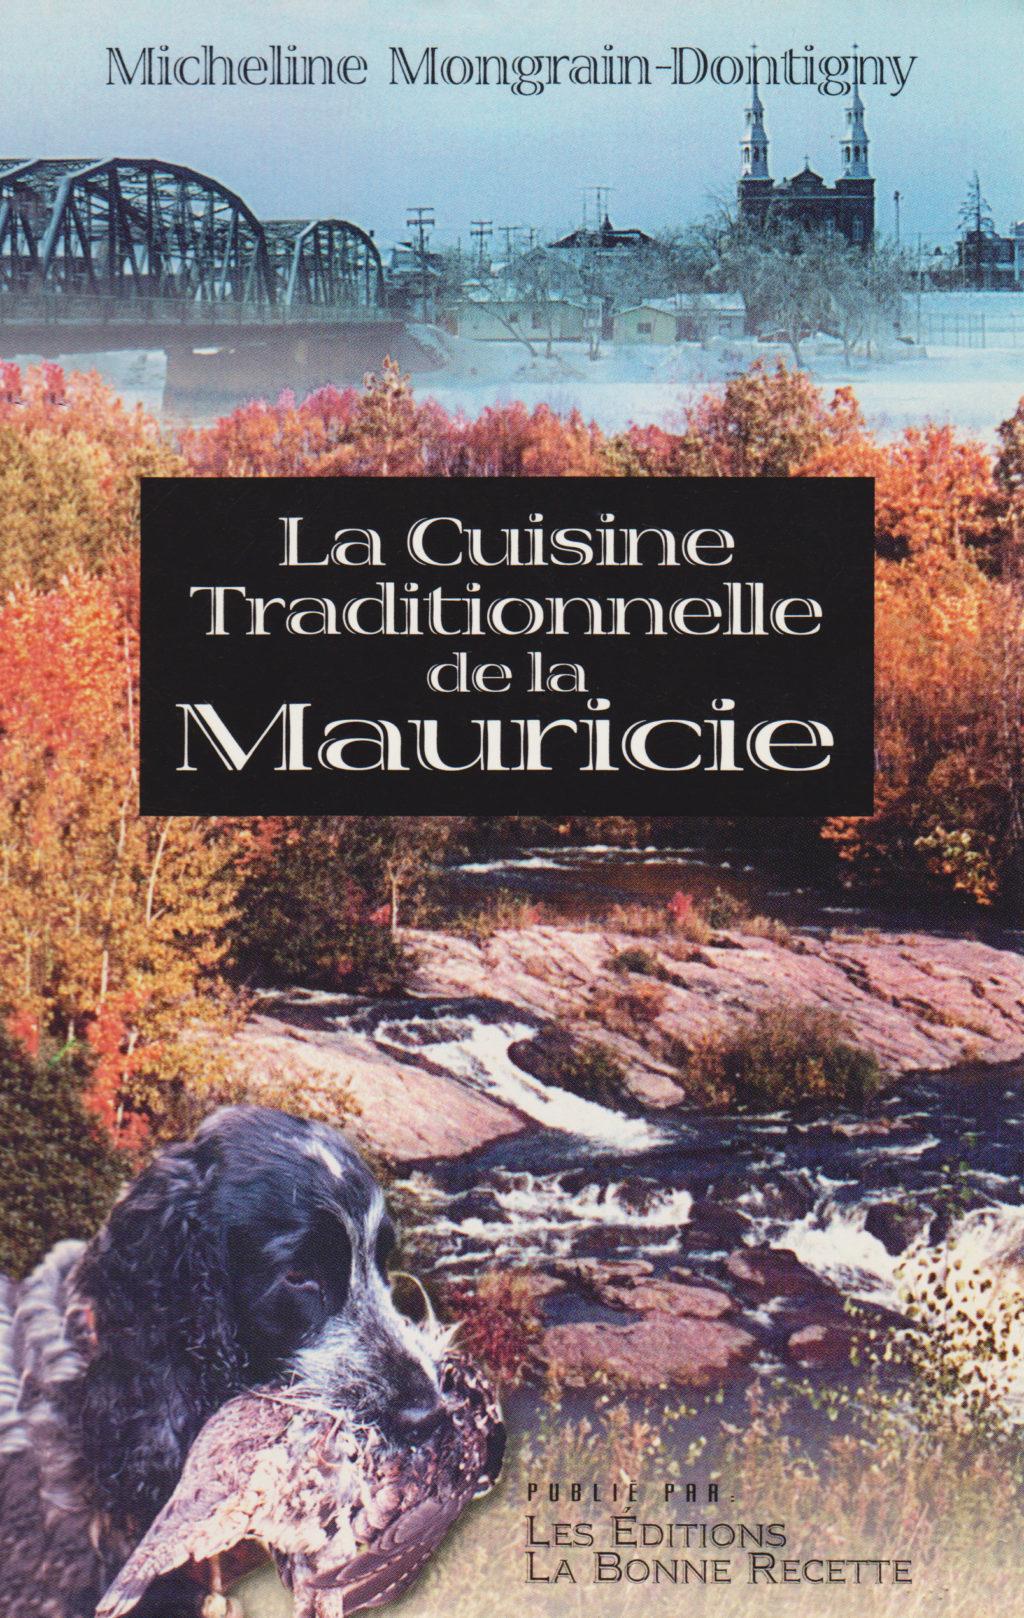 La Cuisine Traditionnelle de la Mauricie